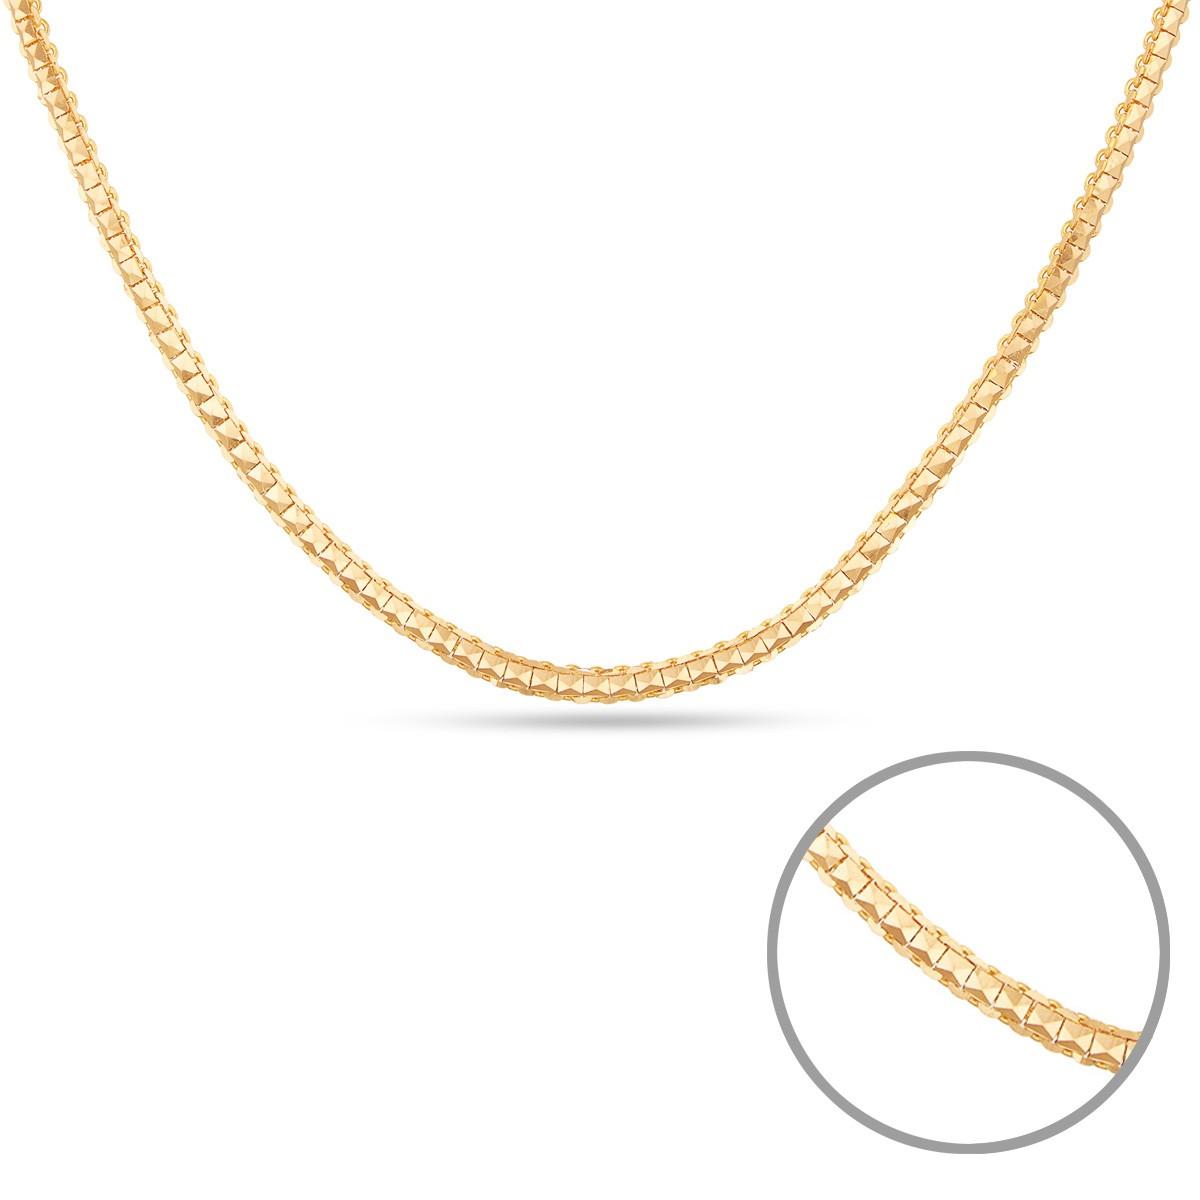 Artisanal chain Online   Fine Design Gold Chain Online